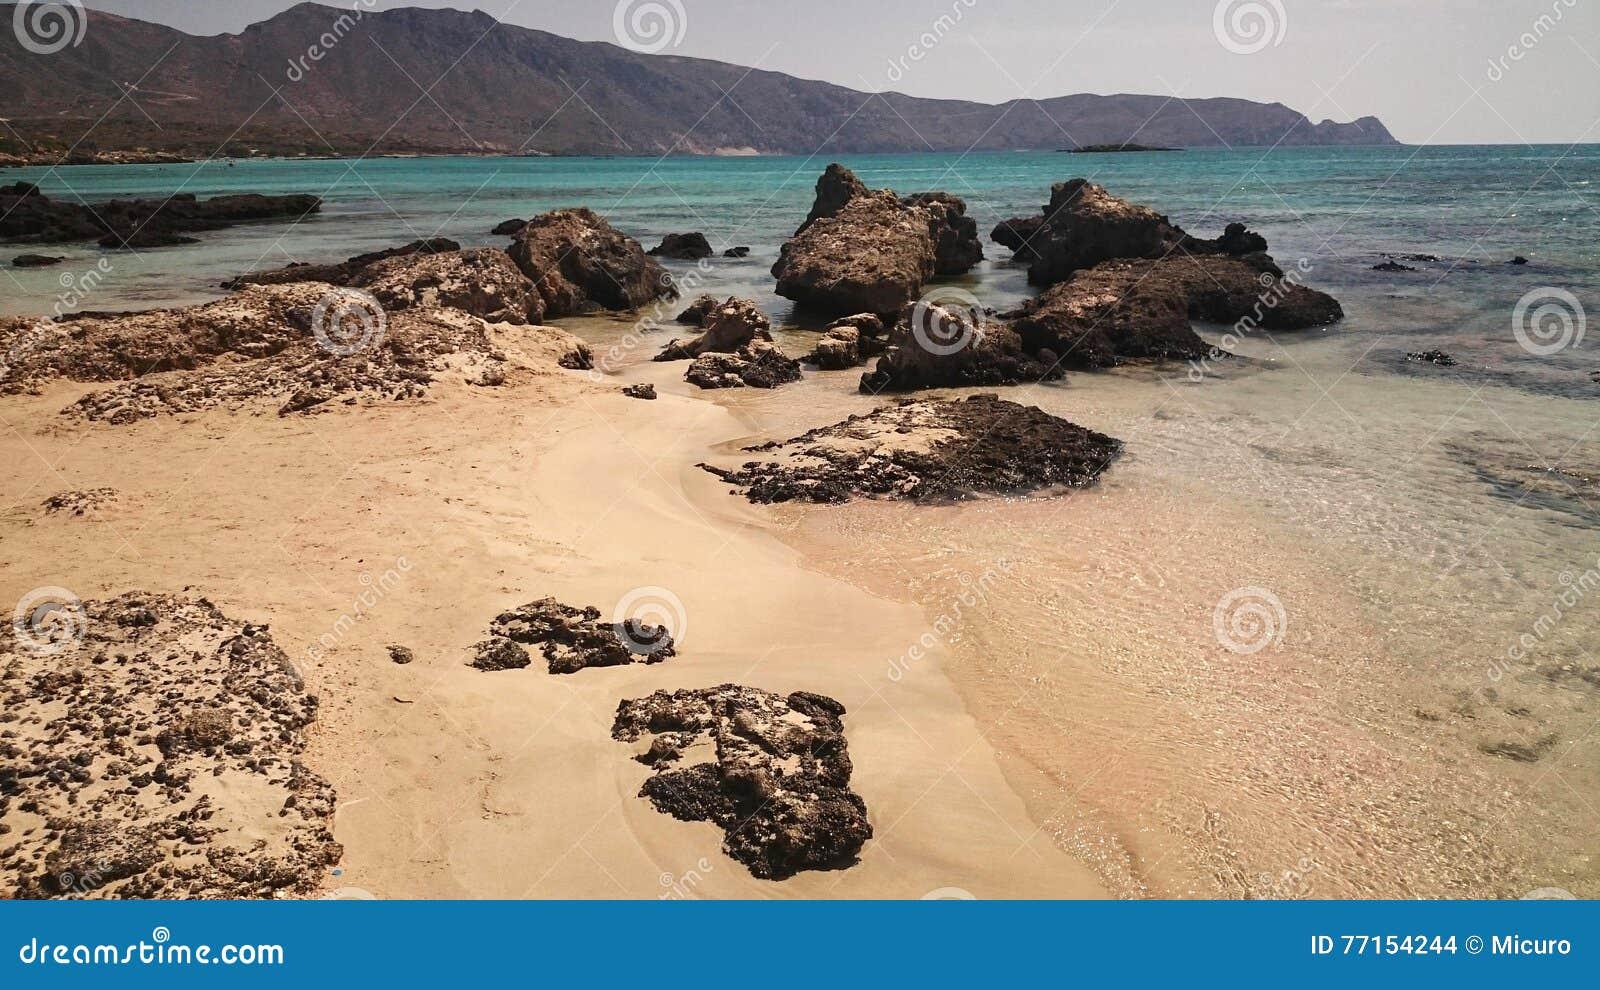 Plage vide sur la mer de turquoise un jour ensoleillé, Crète, Grèce